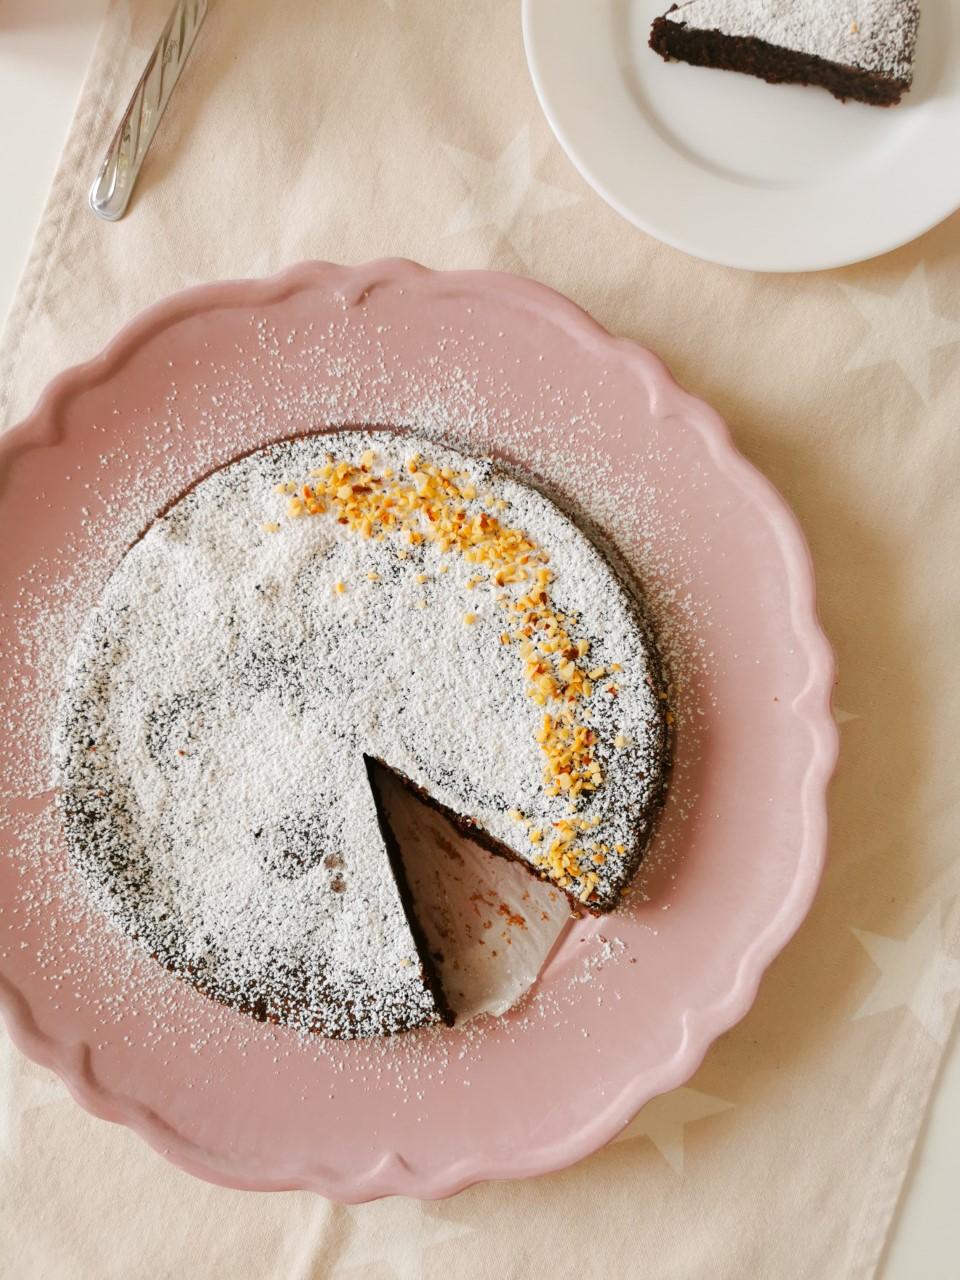 Torta Bimby al cioccolato senza lievito